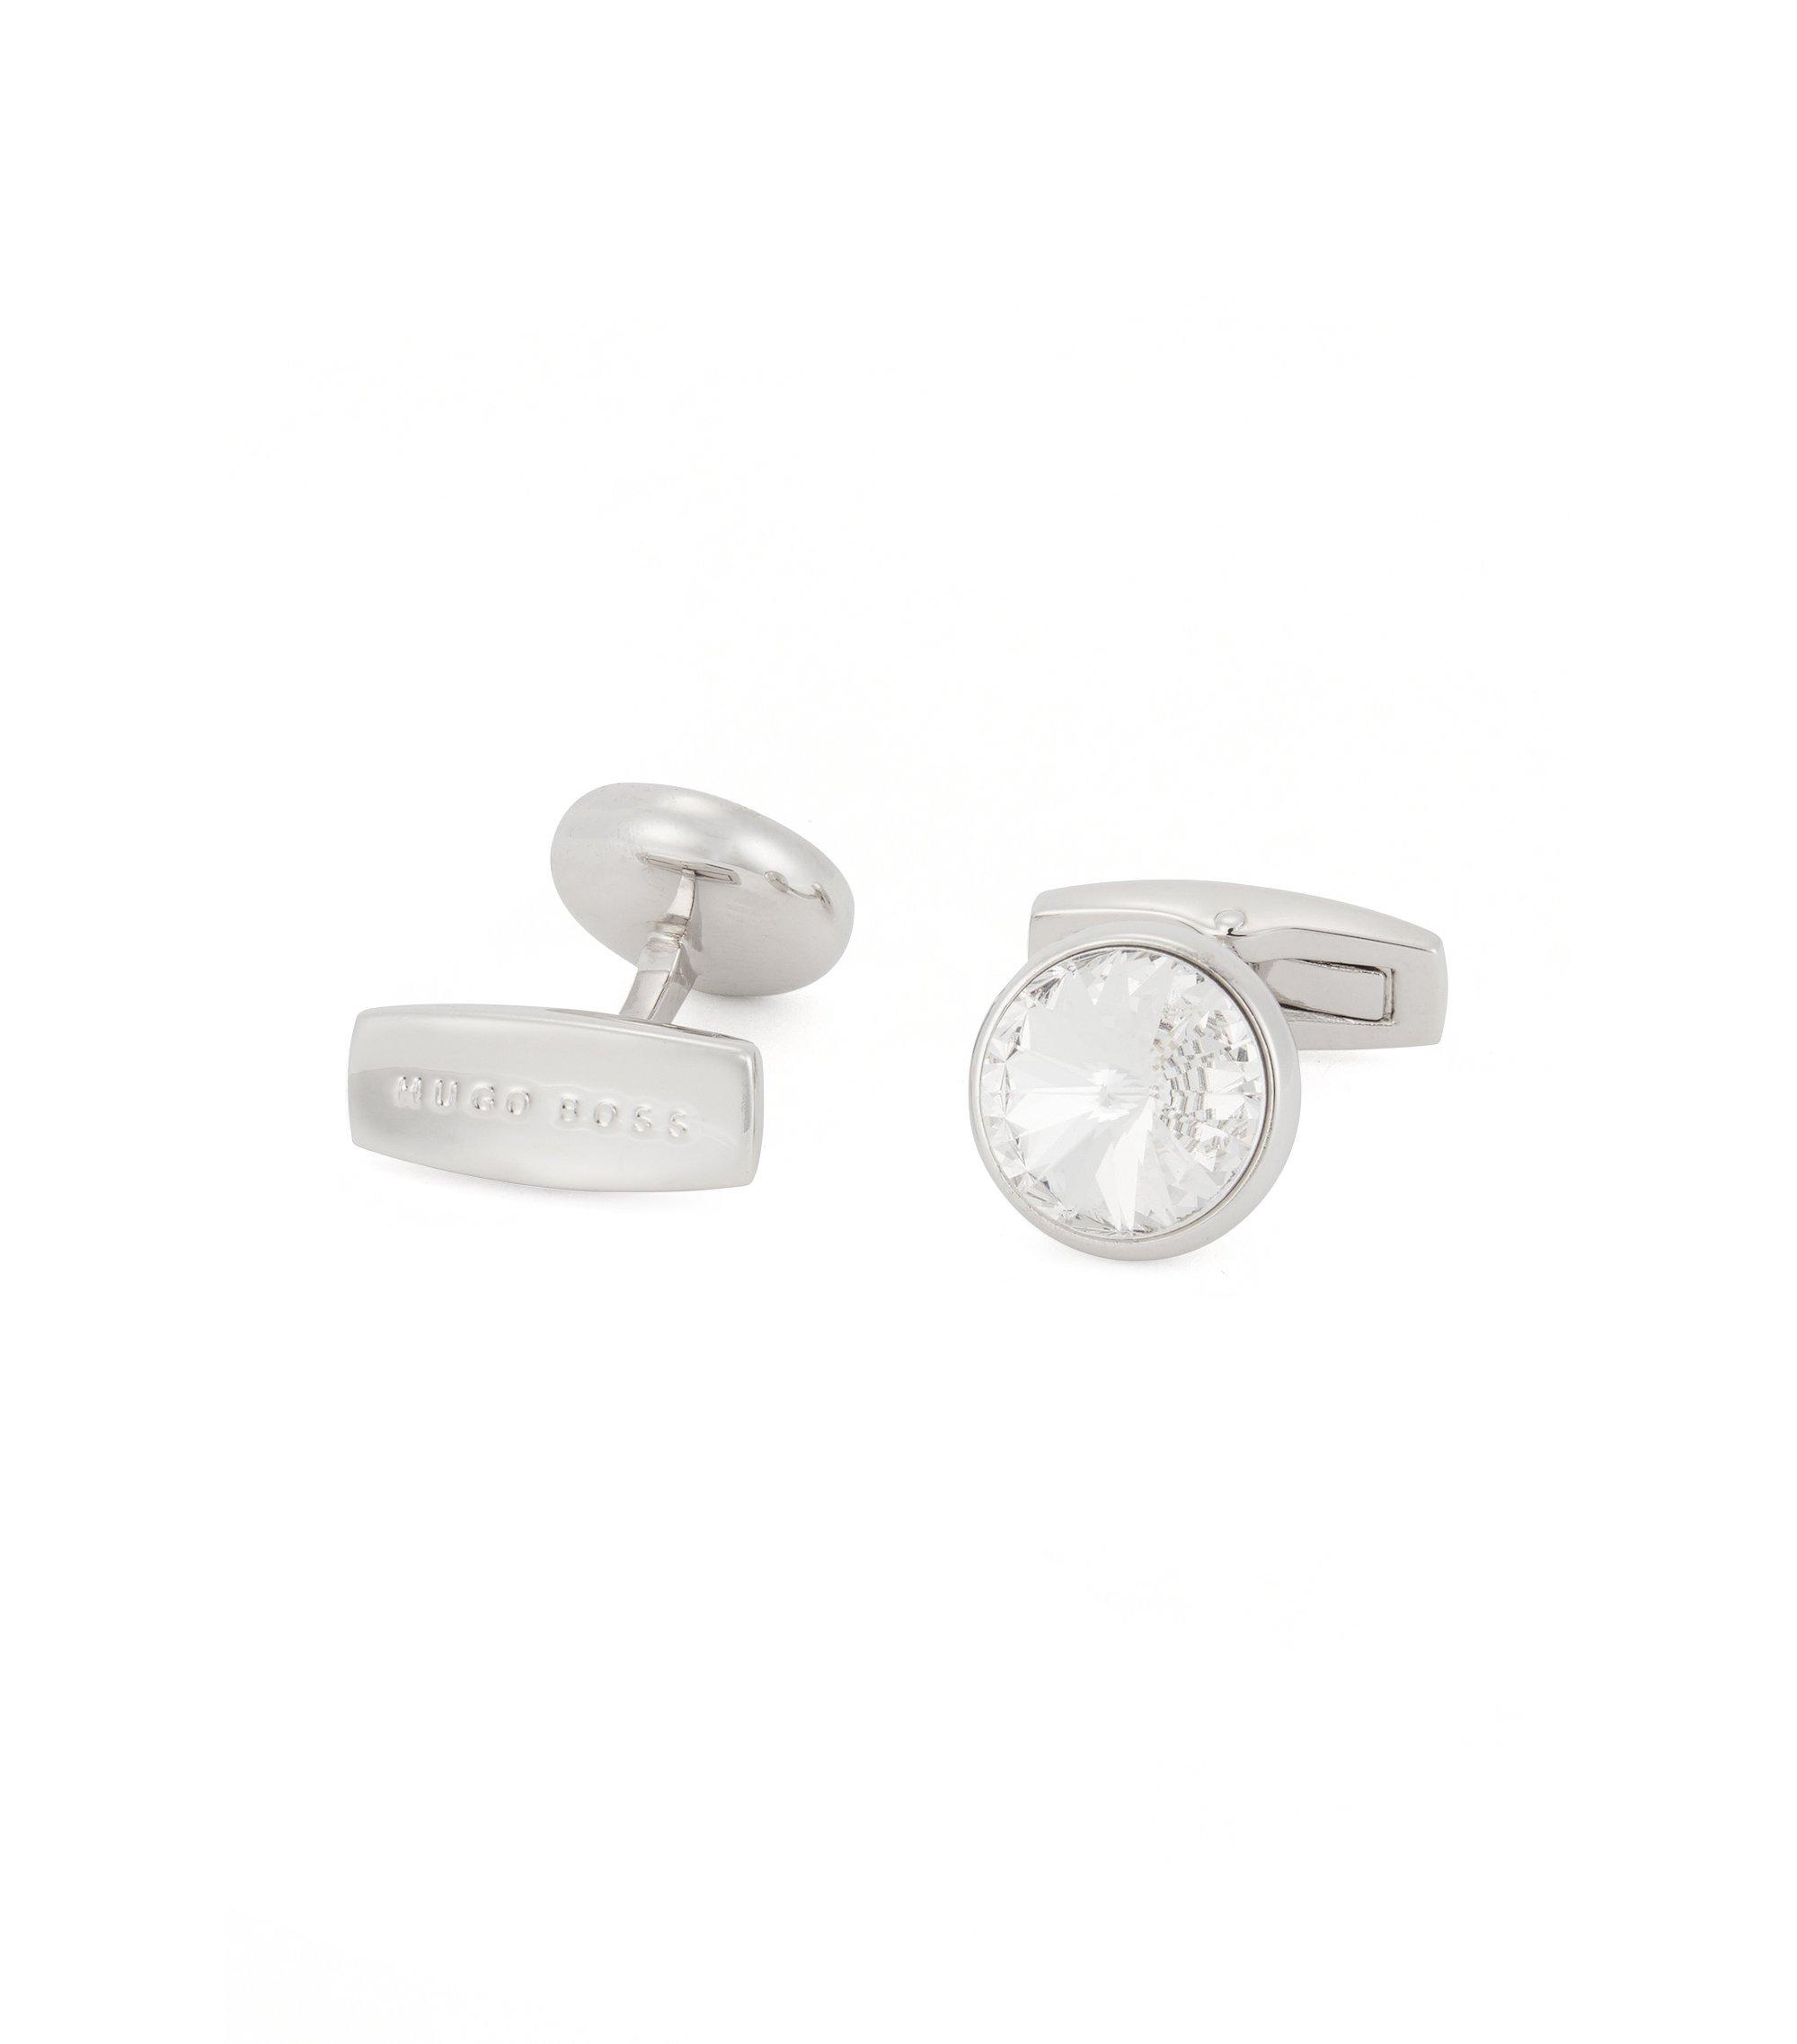 Runde Manschettenknöpfe aus Messing mit geschliffenem Glas-Einsatz, Weiß